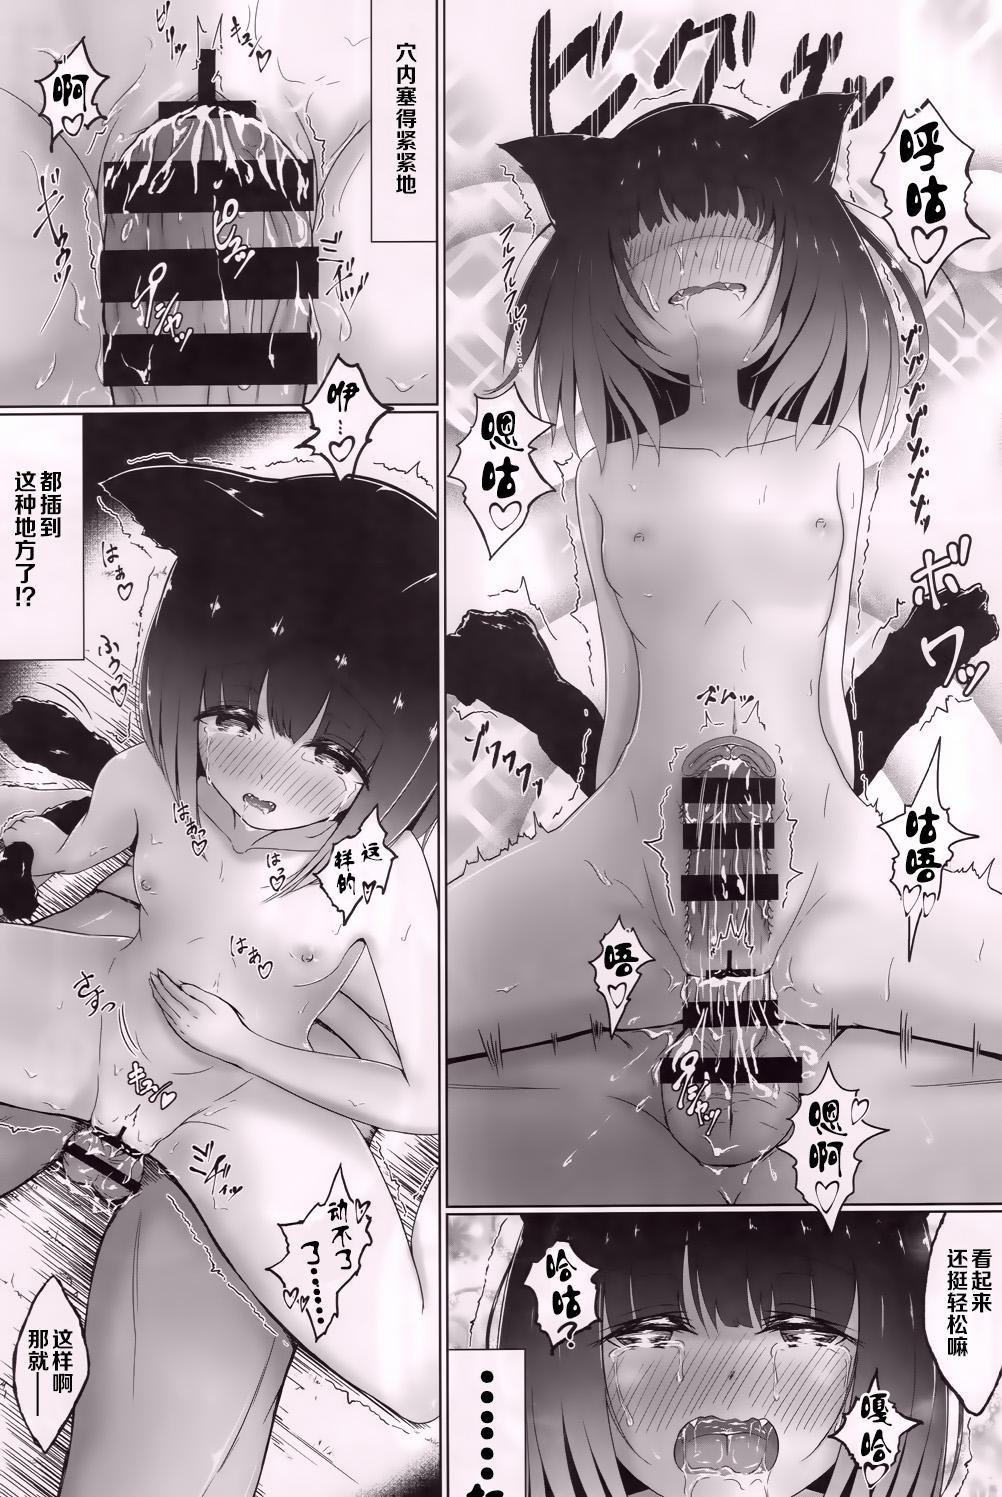 senrinikuyuruhoshizukiyo 15